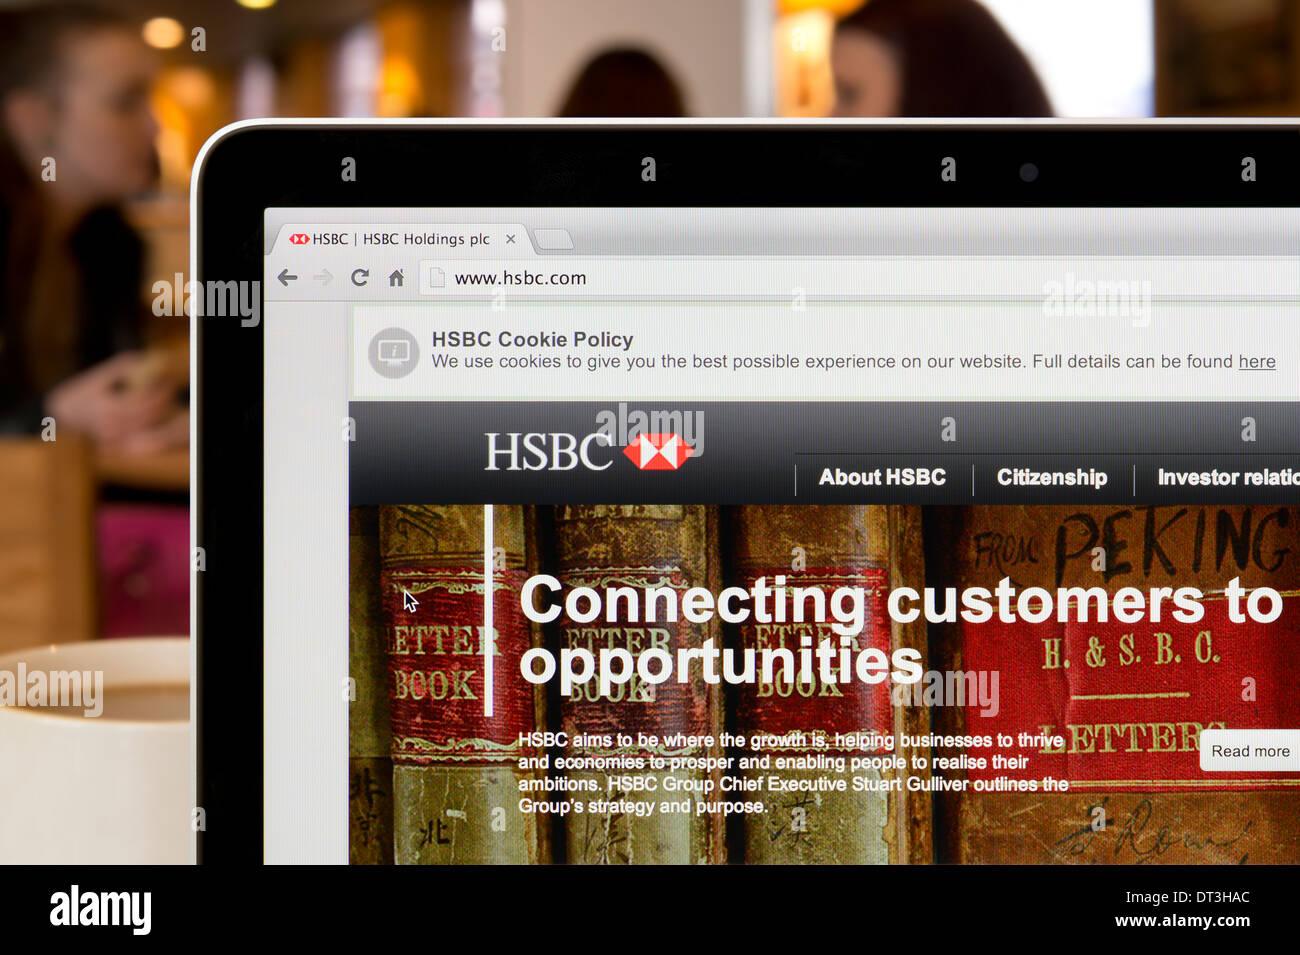 Hsbc Website Stock Photos & Hsbc Website Stock Images - Alamy